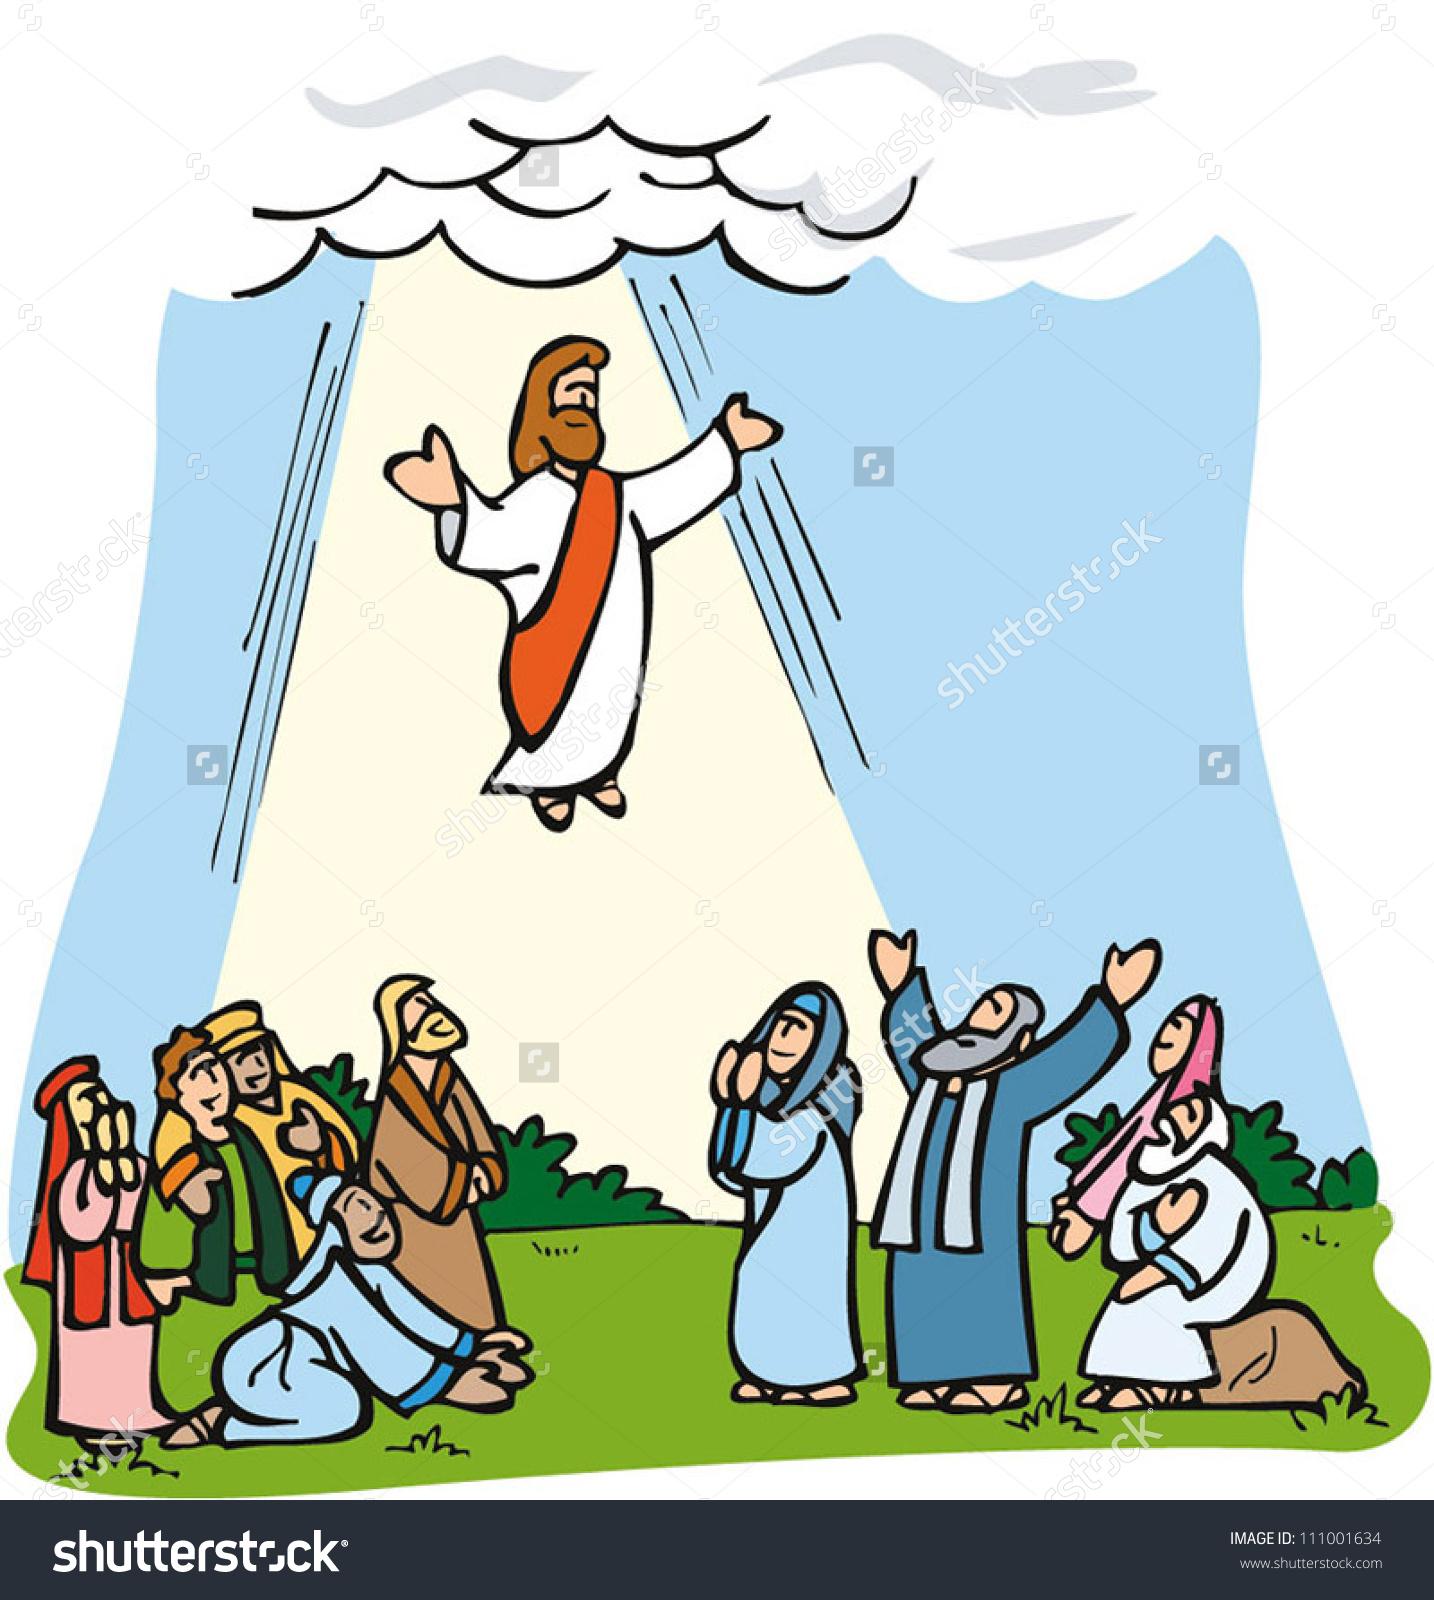 Jesus ascending to heaven clipart clip art freeuse library Jesus ascending to heaven clipart - ClipartFest clip art freeuse library